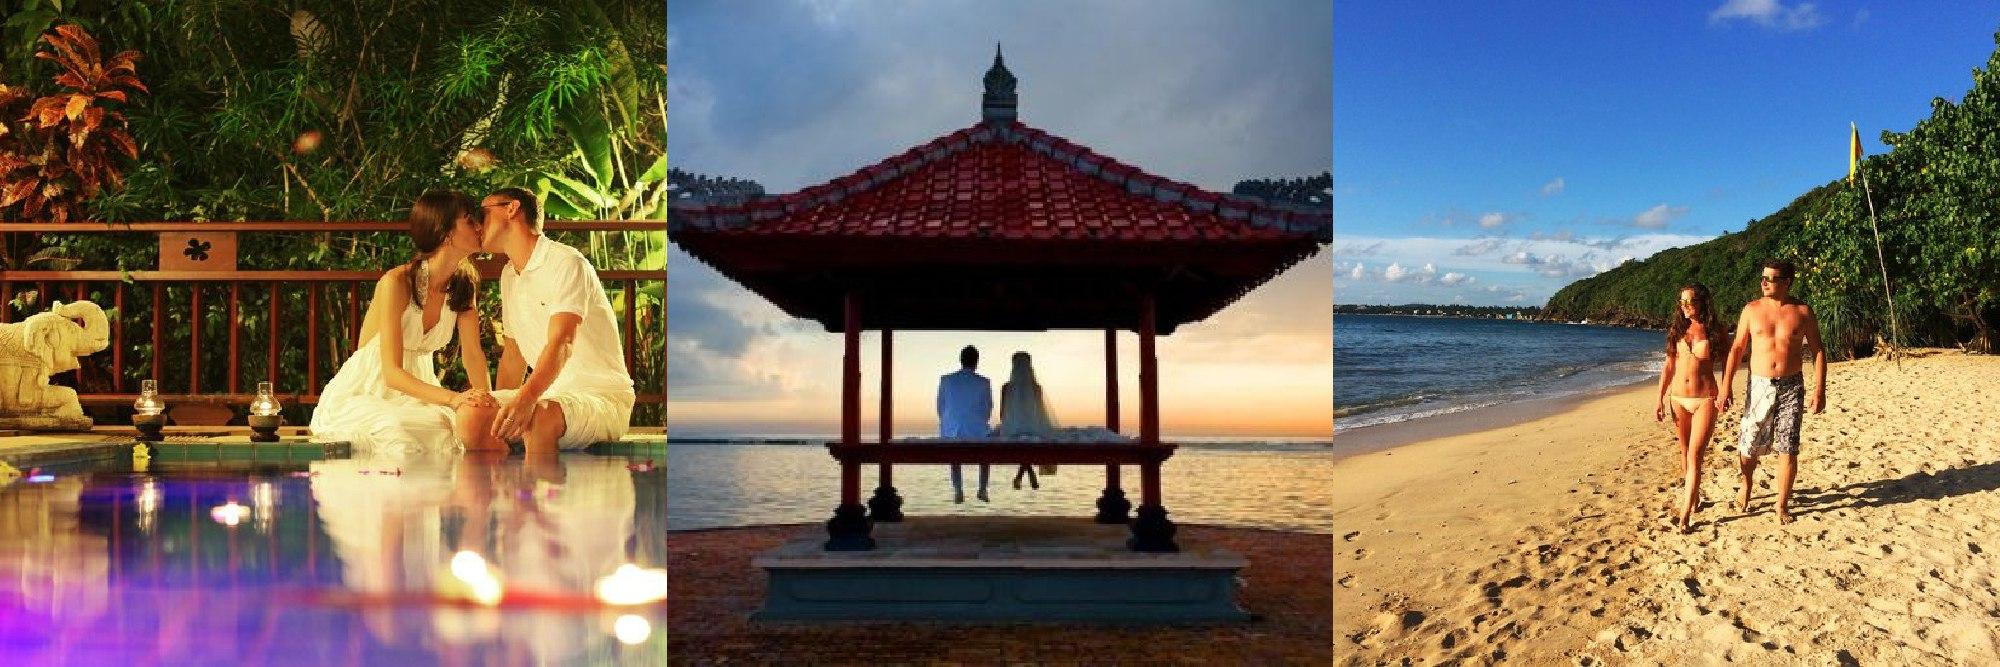 Остров Хайнань для свадебного путешествия в Китае